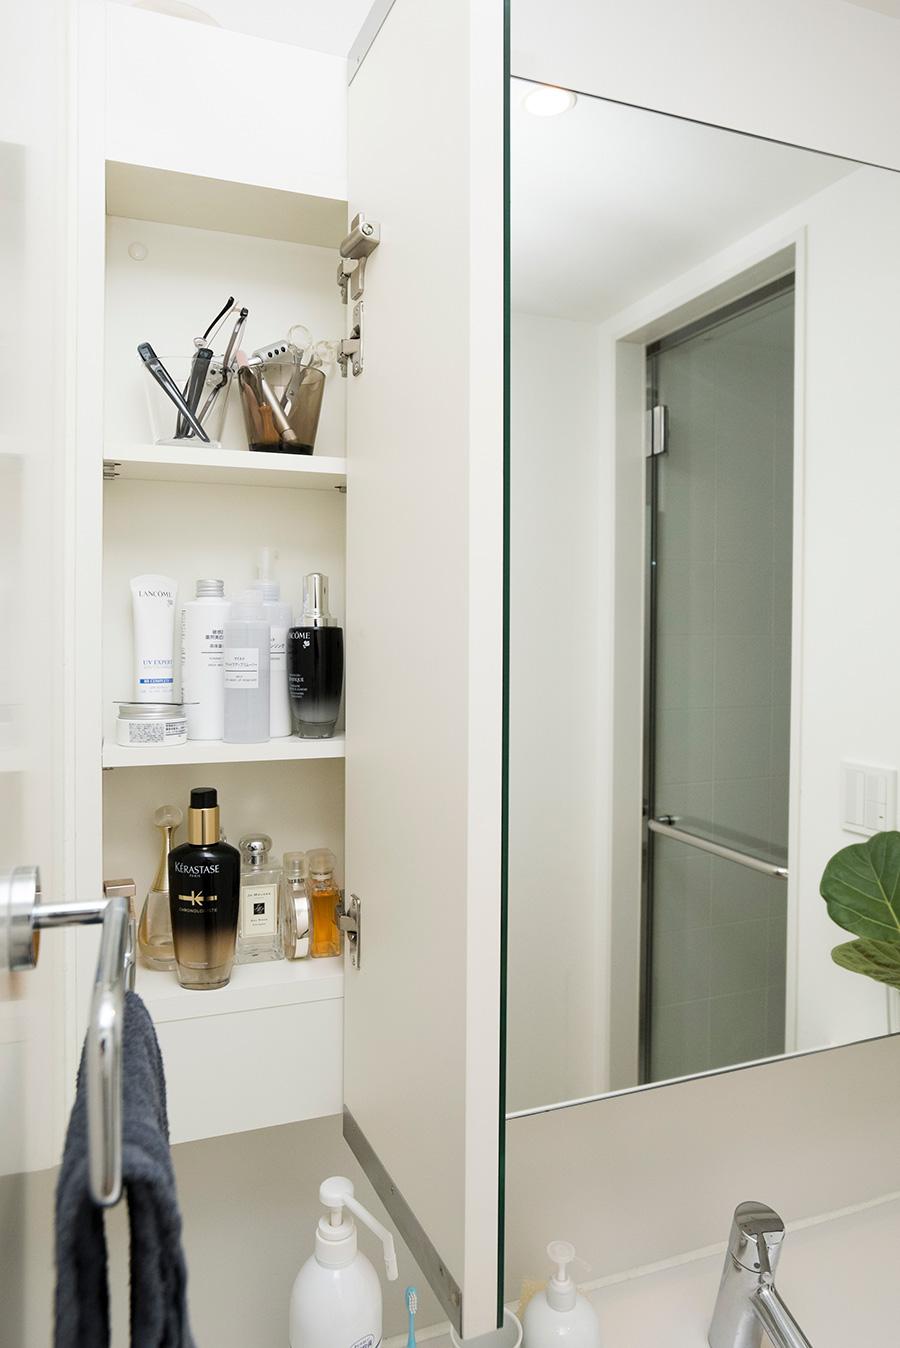 3面鏡の壁面収納は、片側を一人分と決めておくと、使うときにあちこち開け閉めしなくて便利。